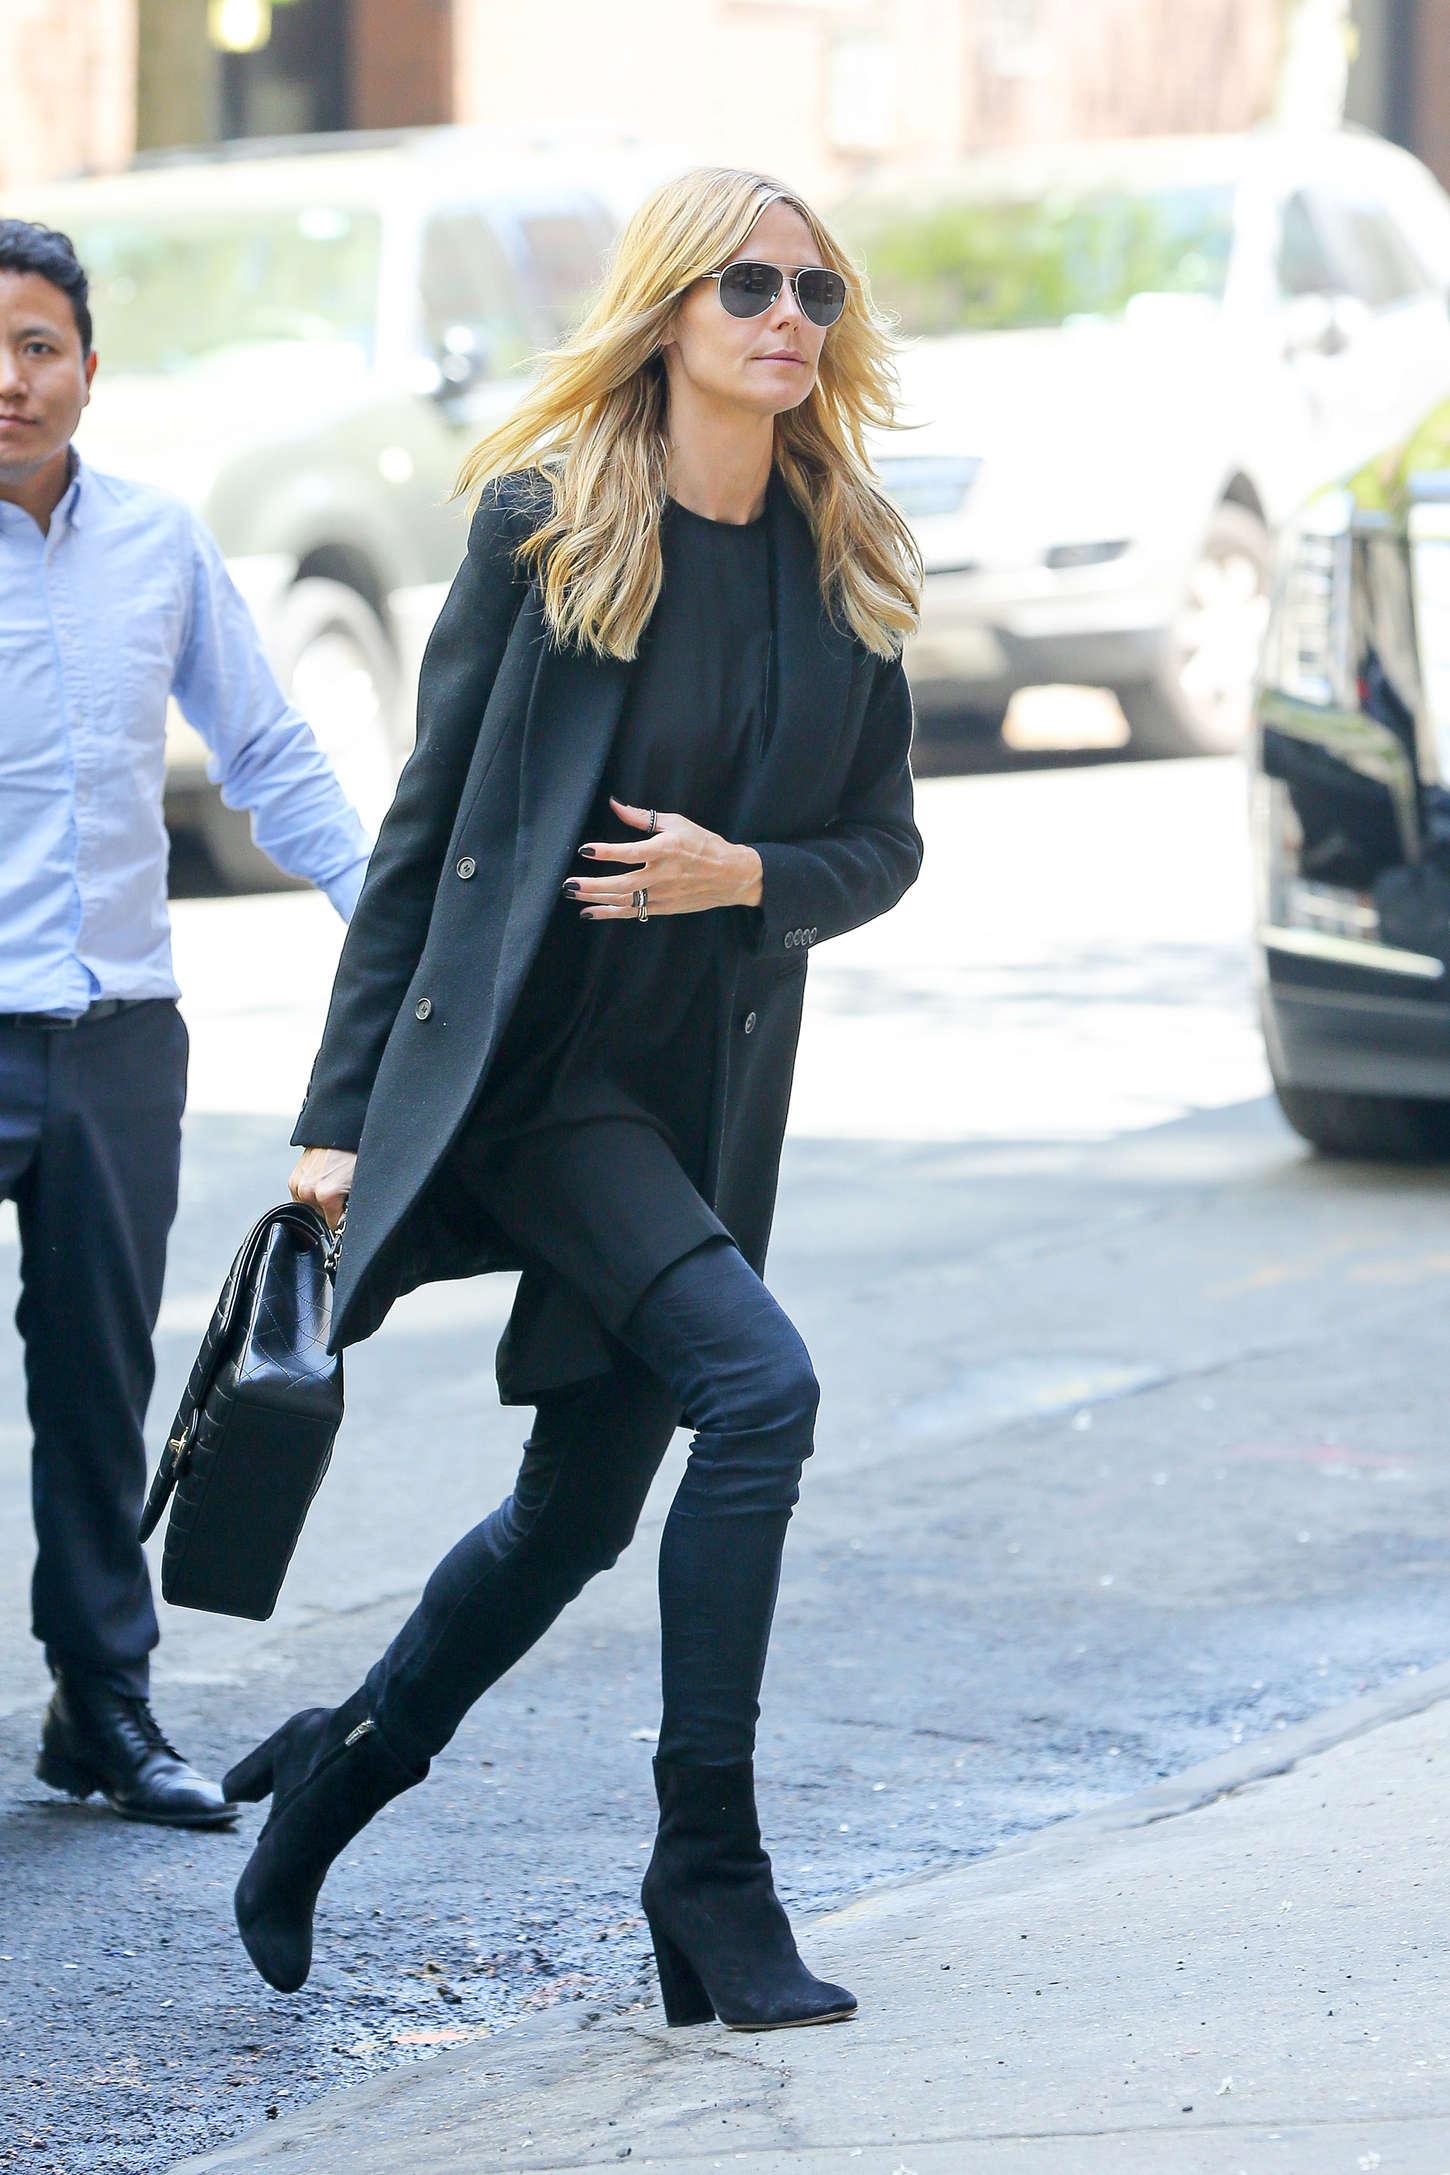 Heidi Klum 2015 : Heidi Klum in jeans -22